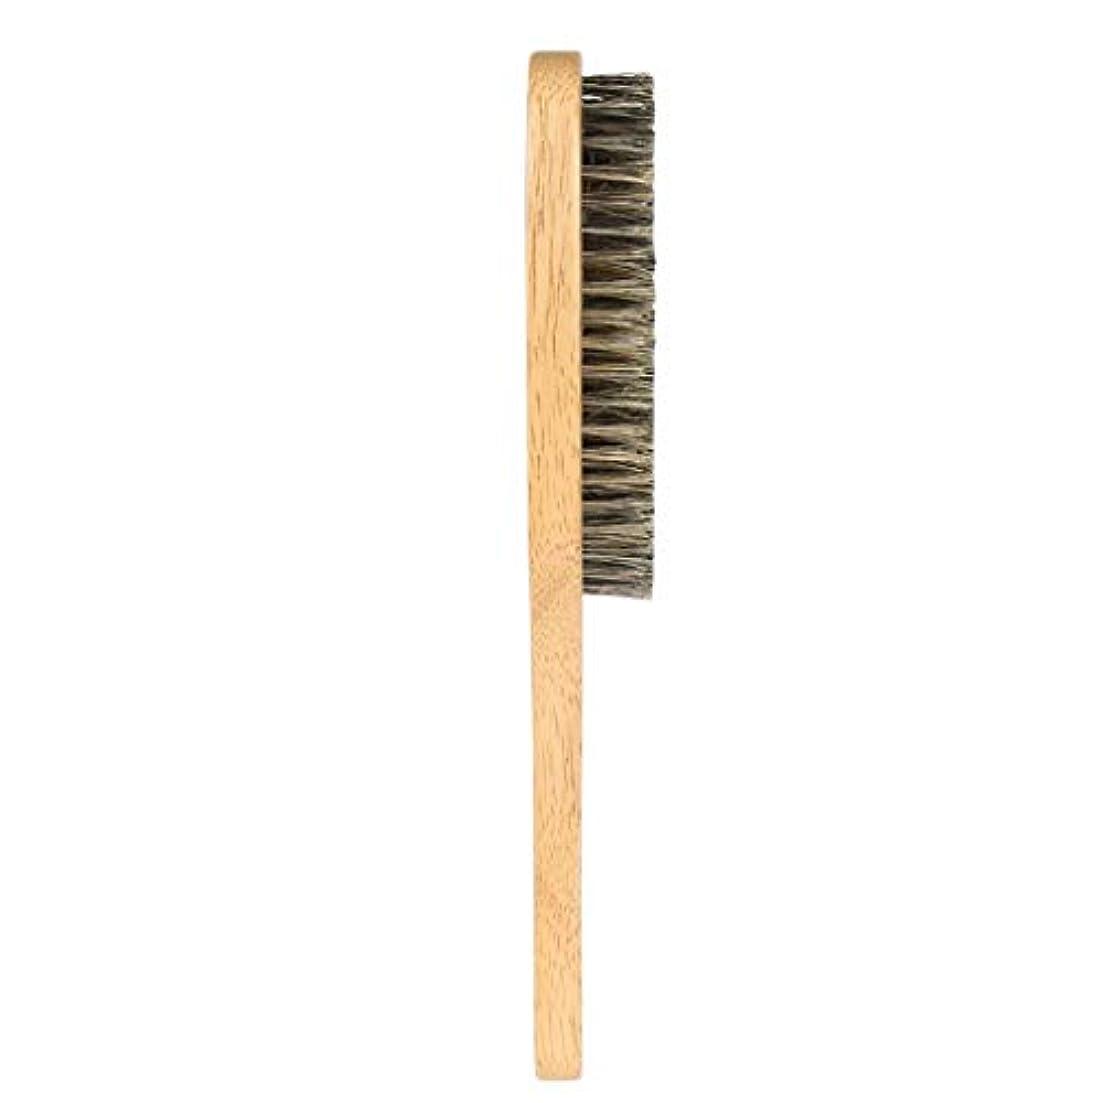 磁石ディンカルビルお酒CUTICATE 男性用のひげブラシ、ドライ/ウェット/すべてのサイズのひげスタイルに最適-ひげの整形とスタイリングツール